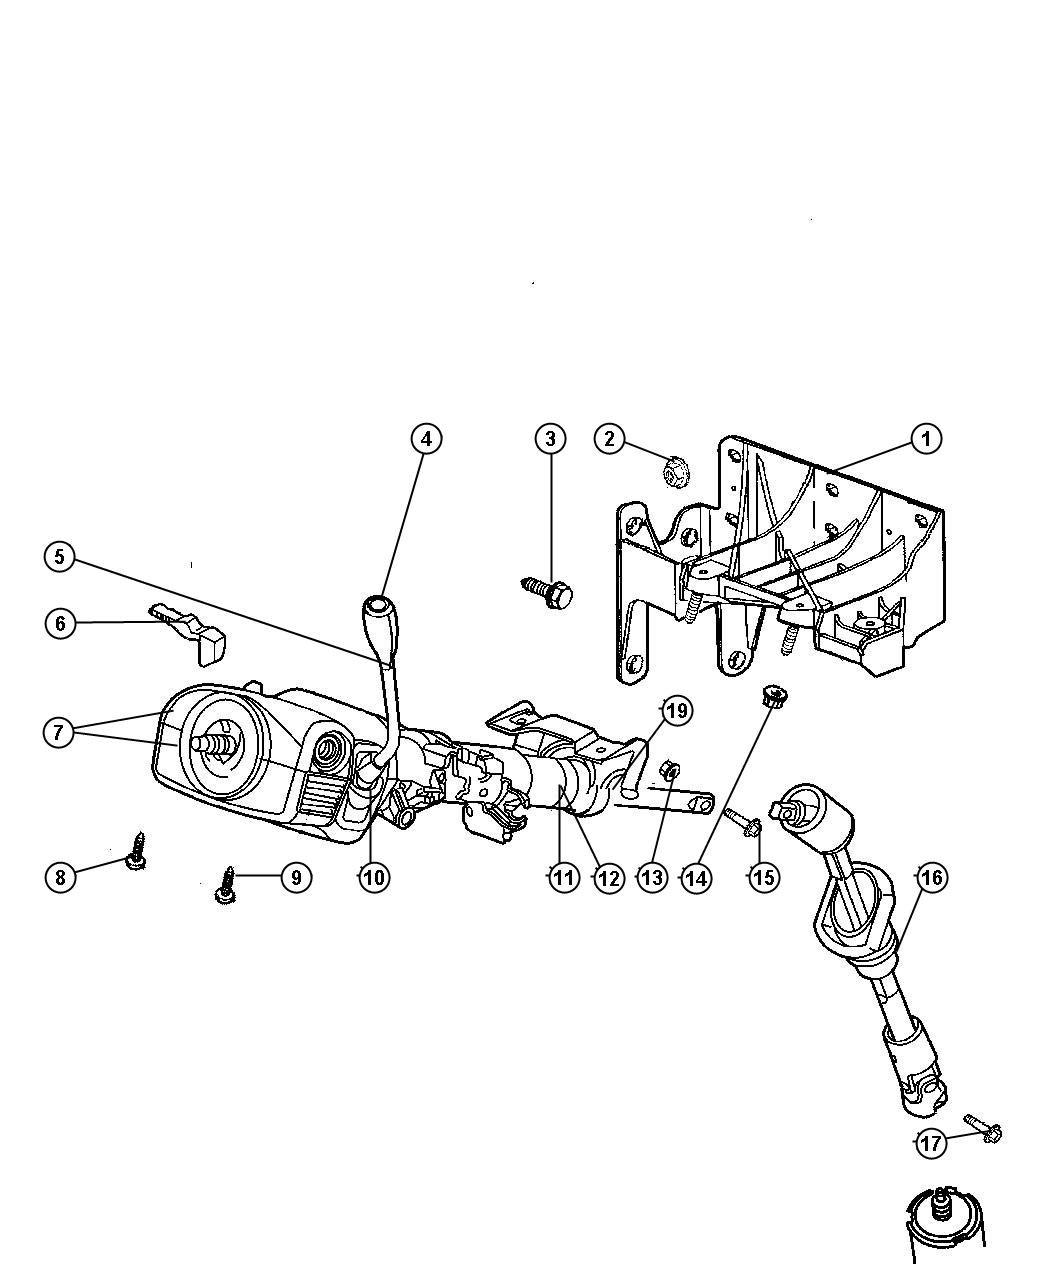 Dodge Dakota Lever, lever assy. Tilt column release, with